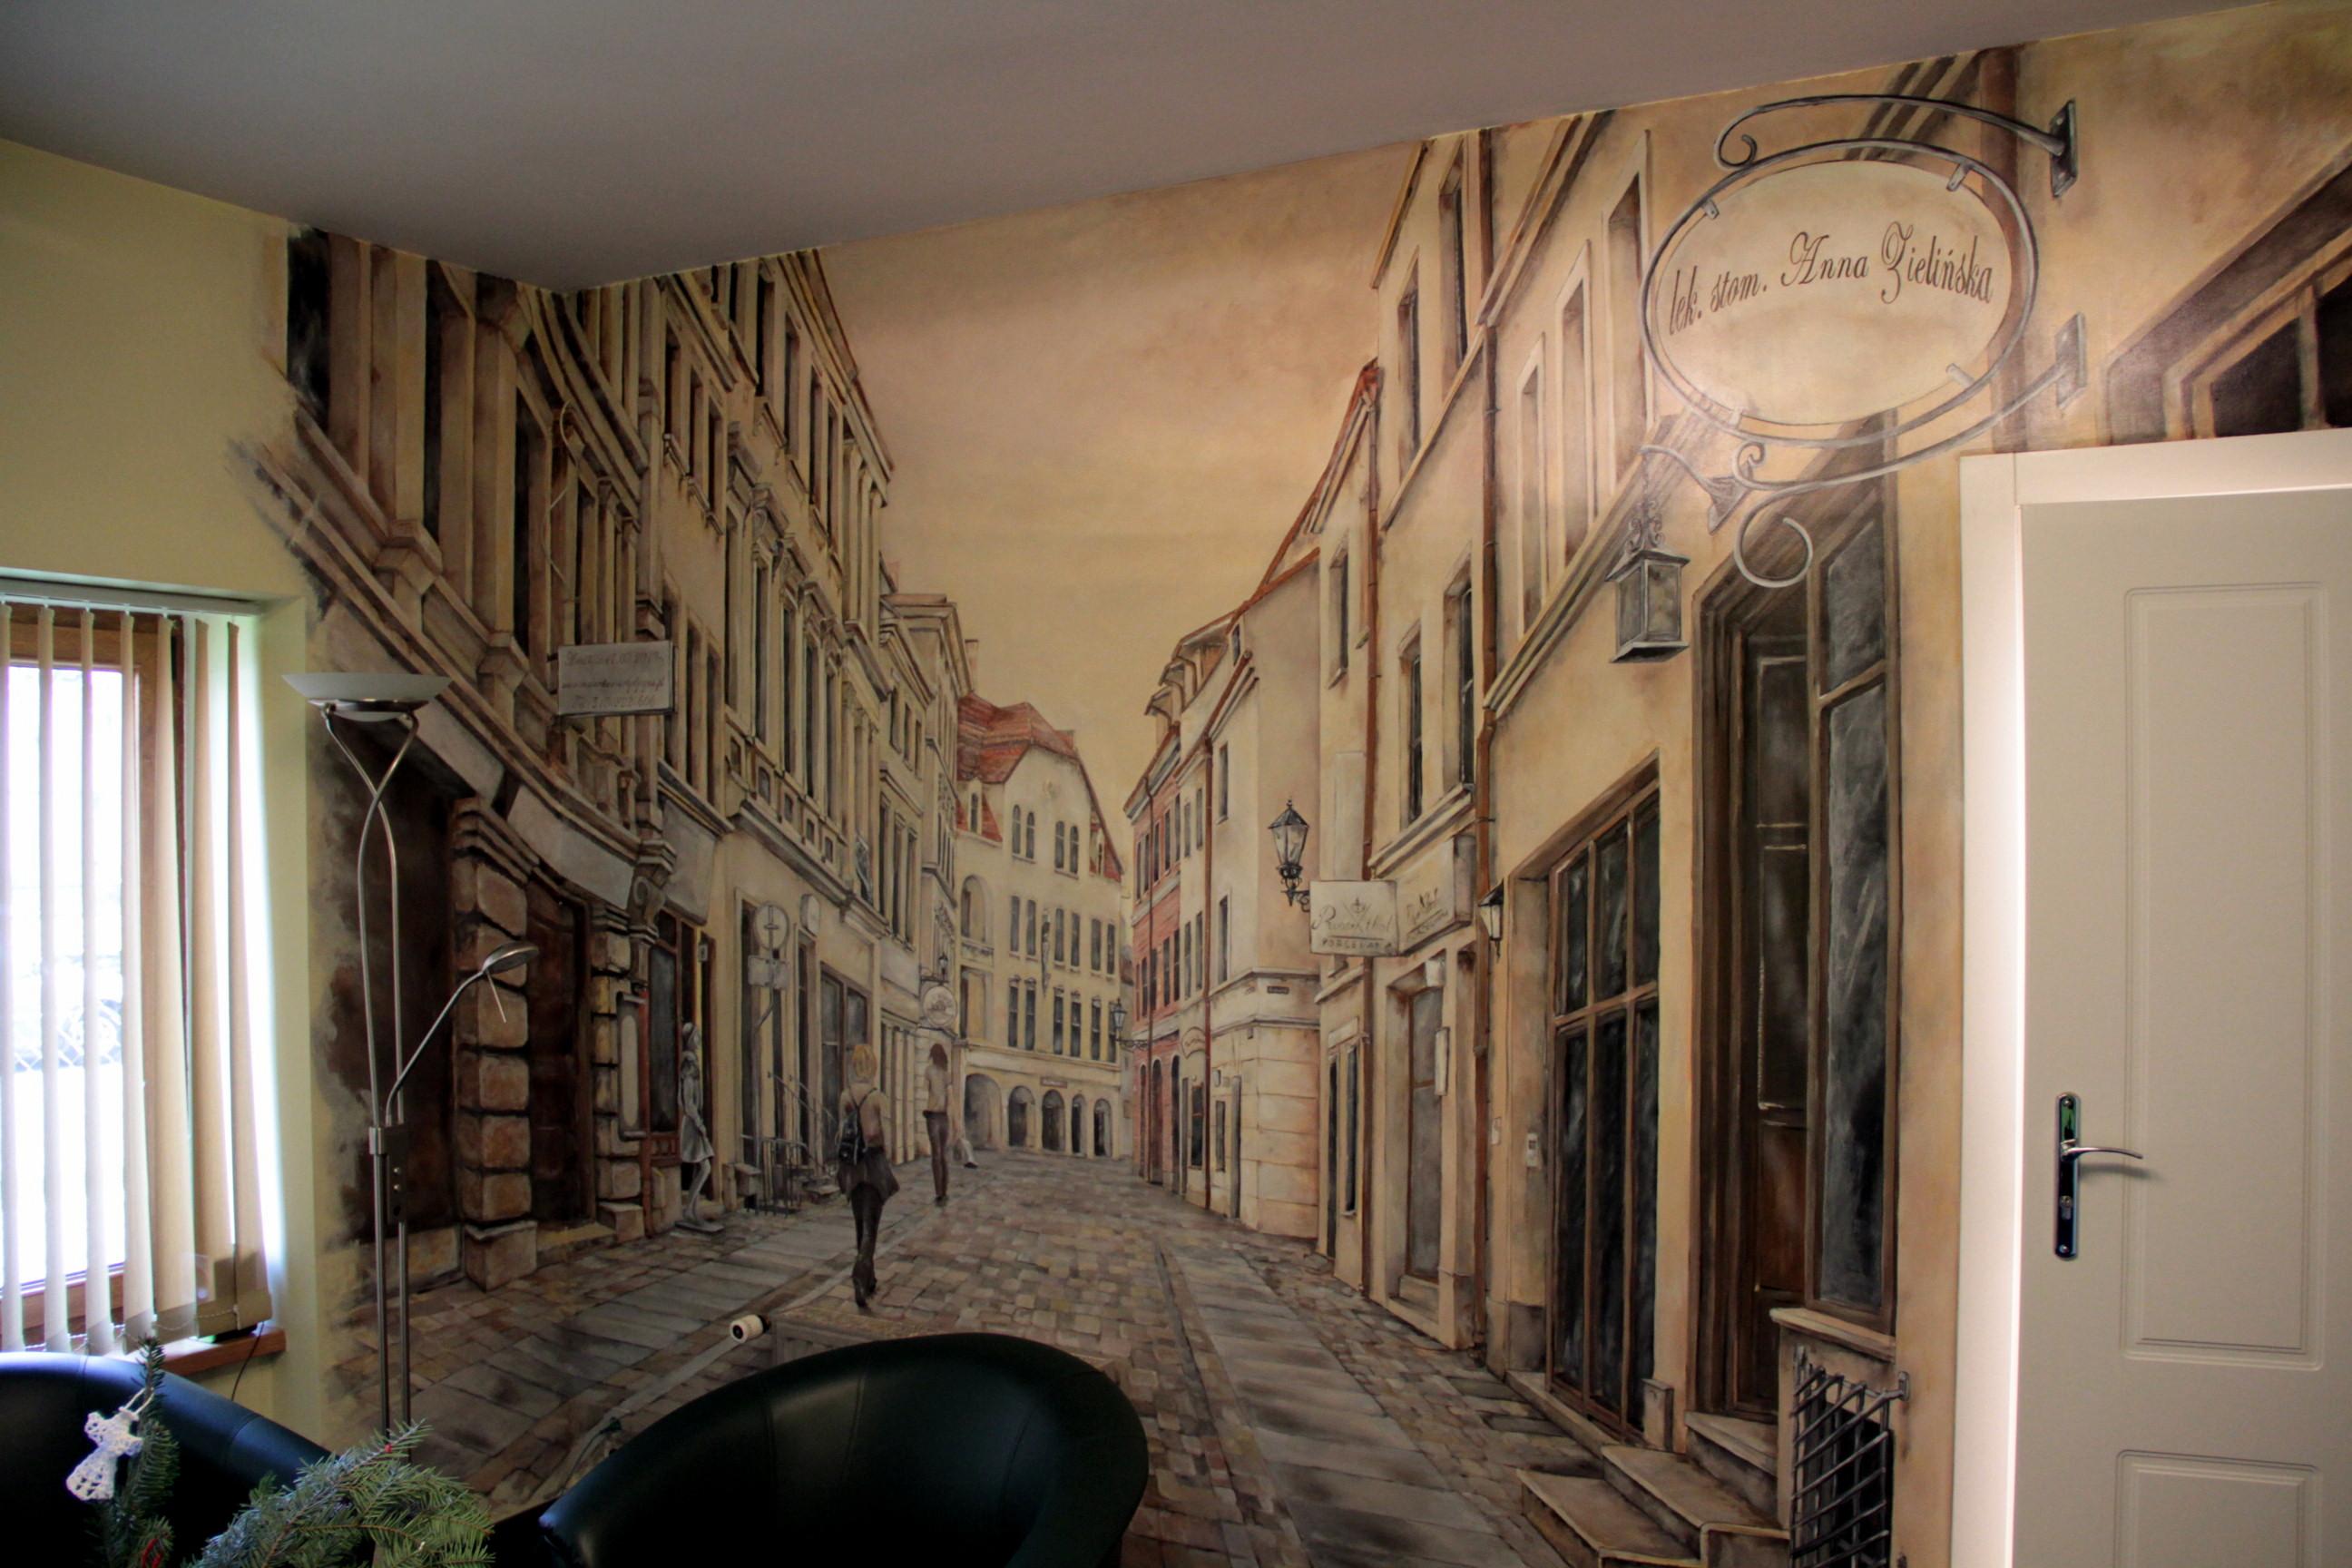 Artystyczne malowanie scian, uliczka w perspektywie